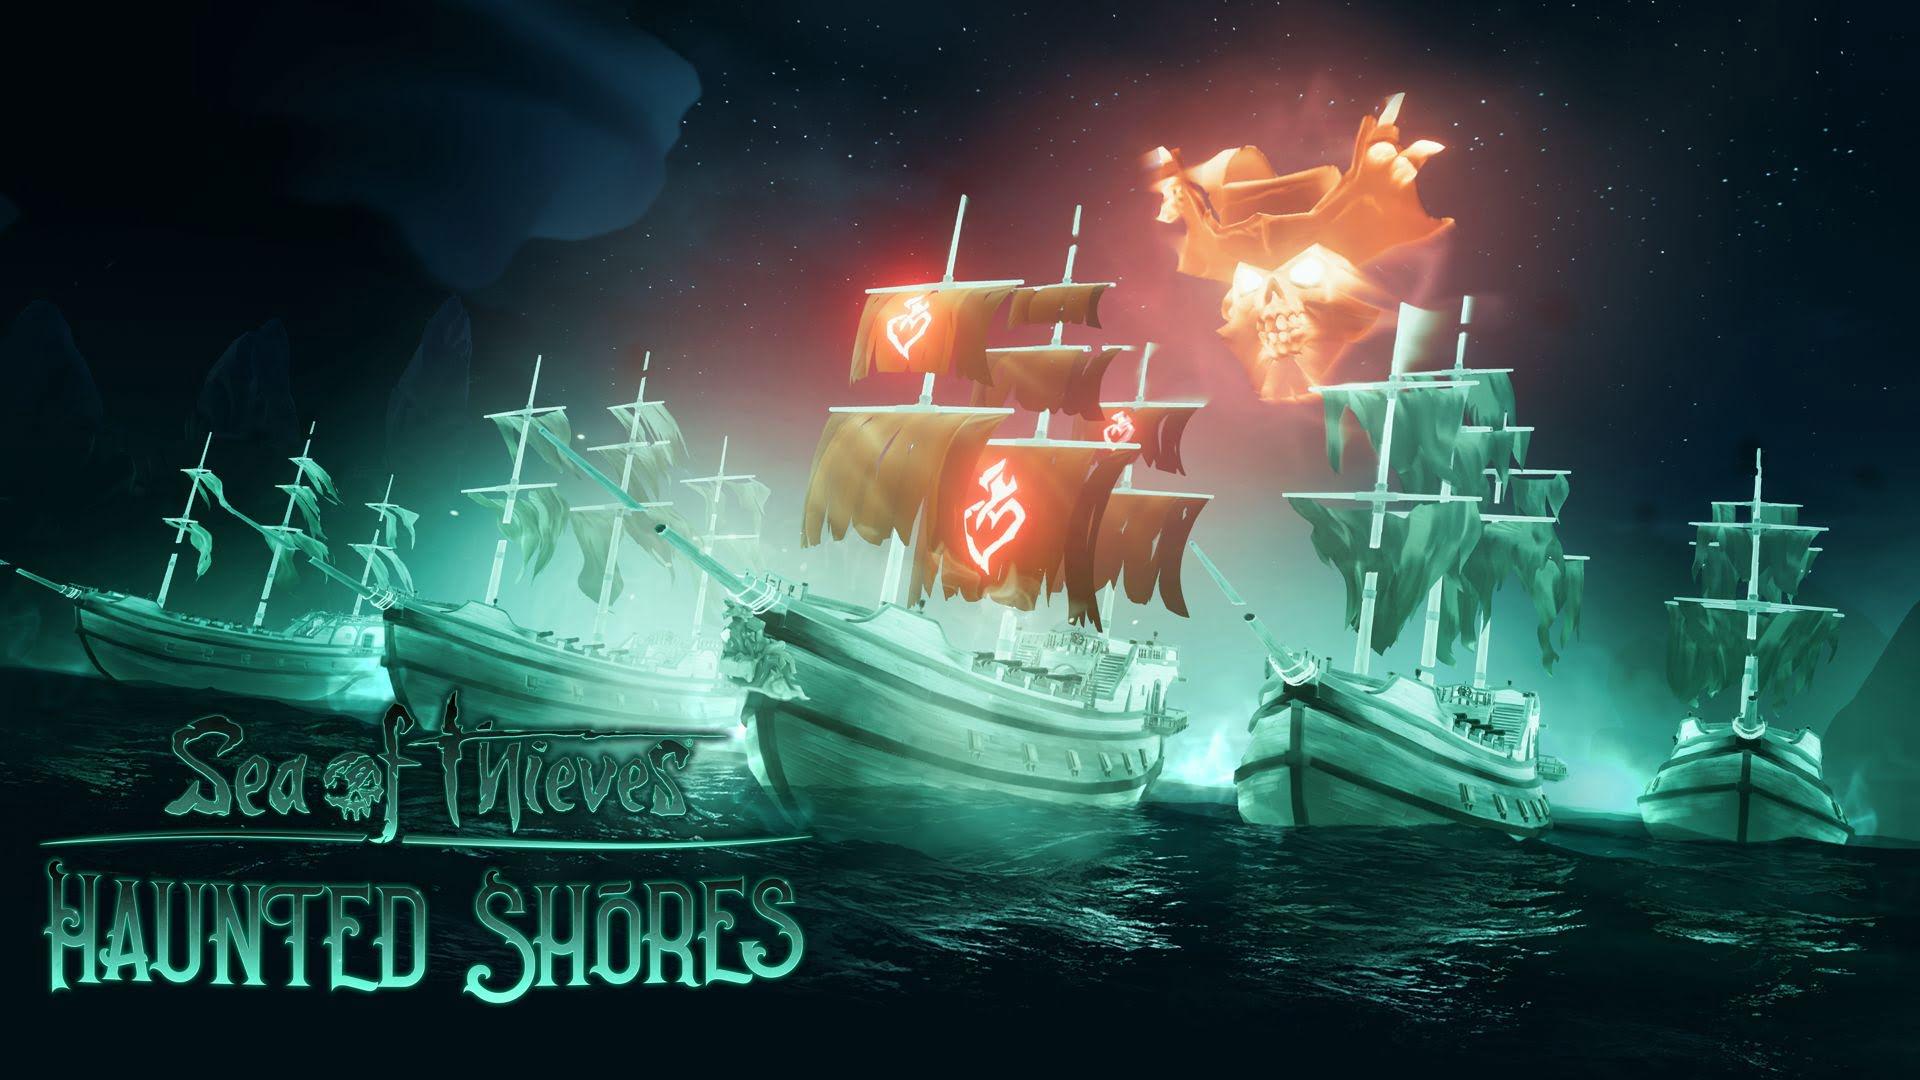 Steam-версия Sea of Thieves: Решение технических проблем